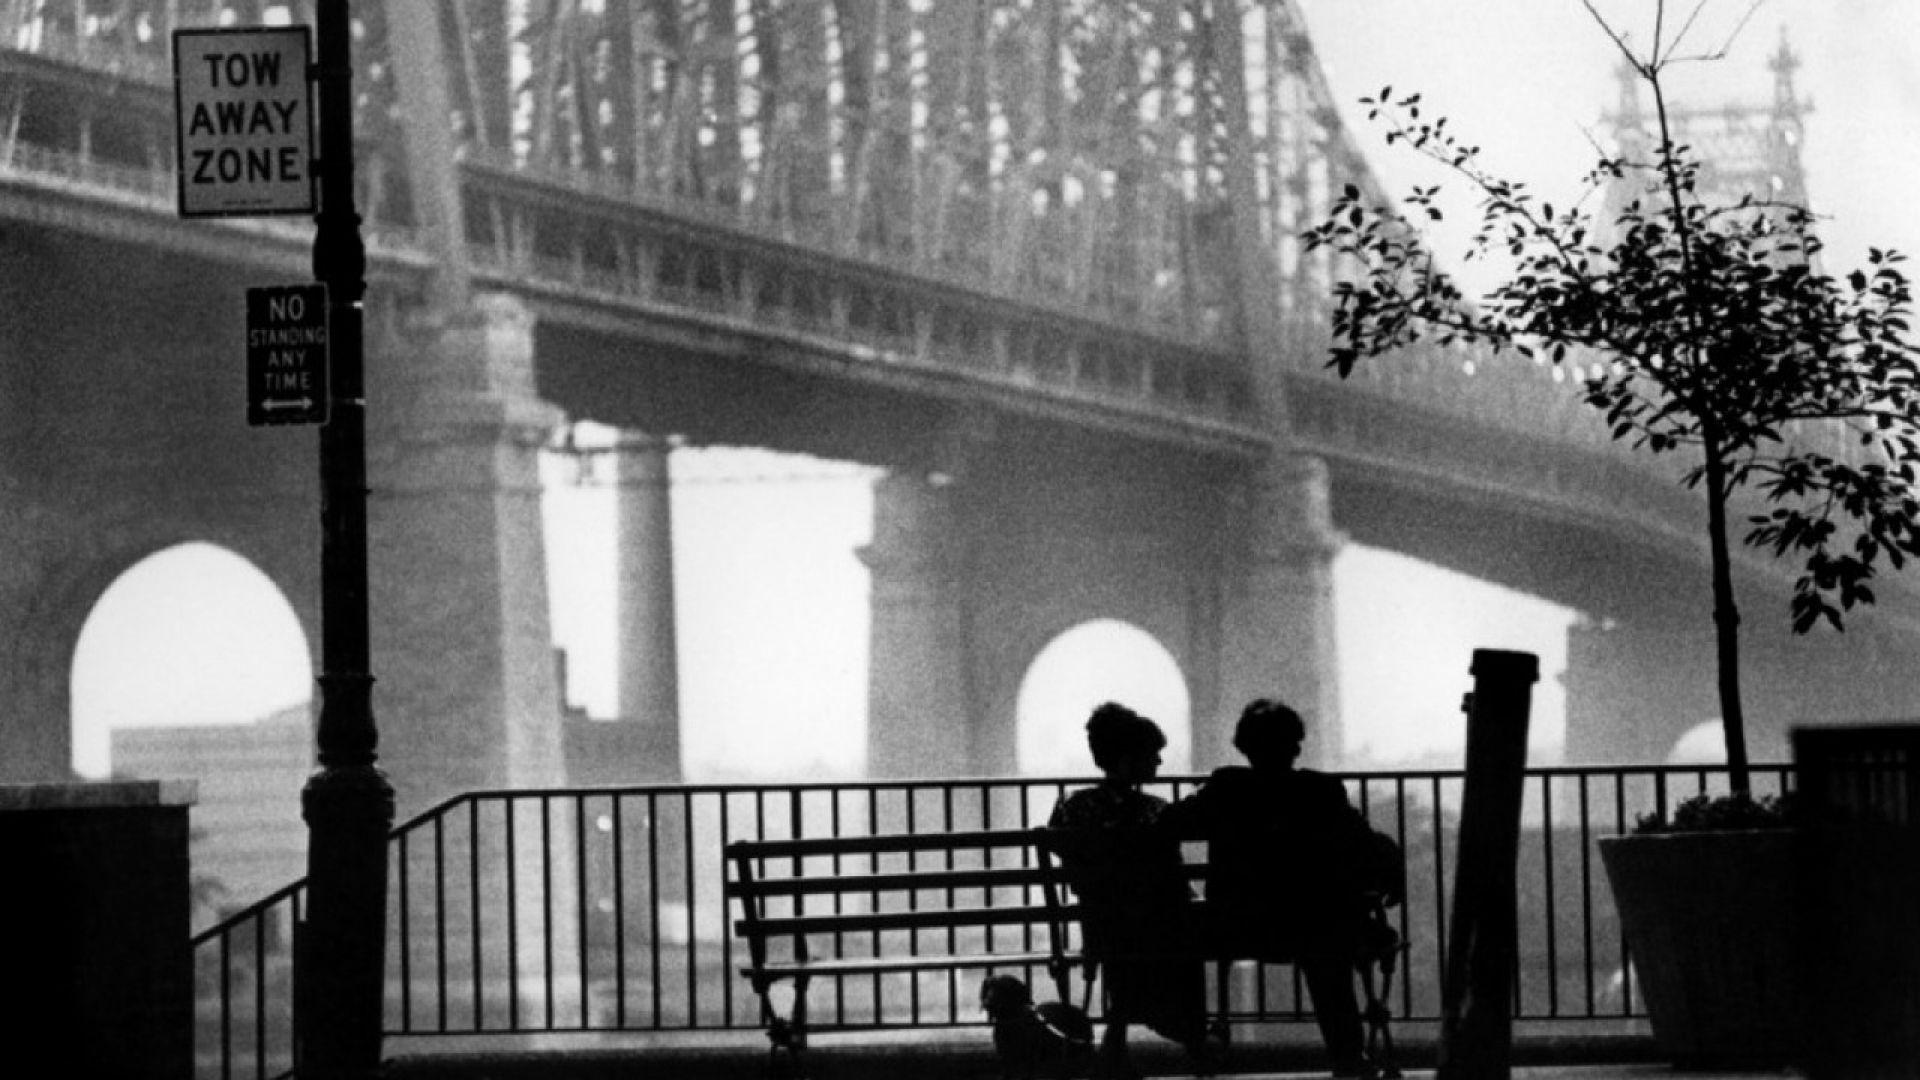 Woody Allen's 'Manhattan'